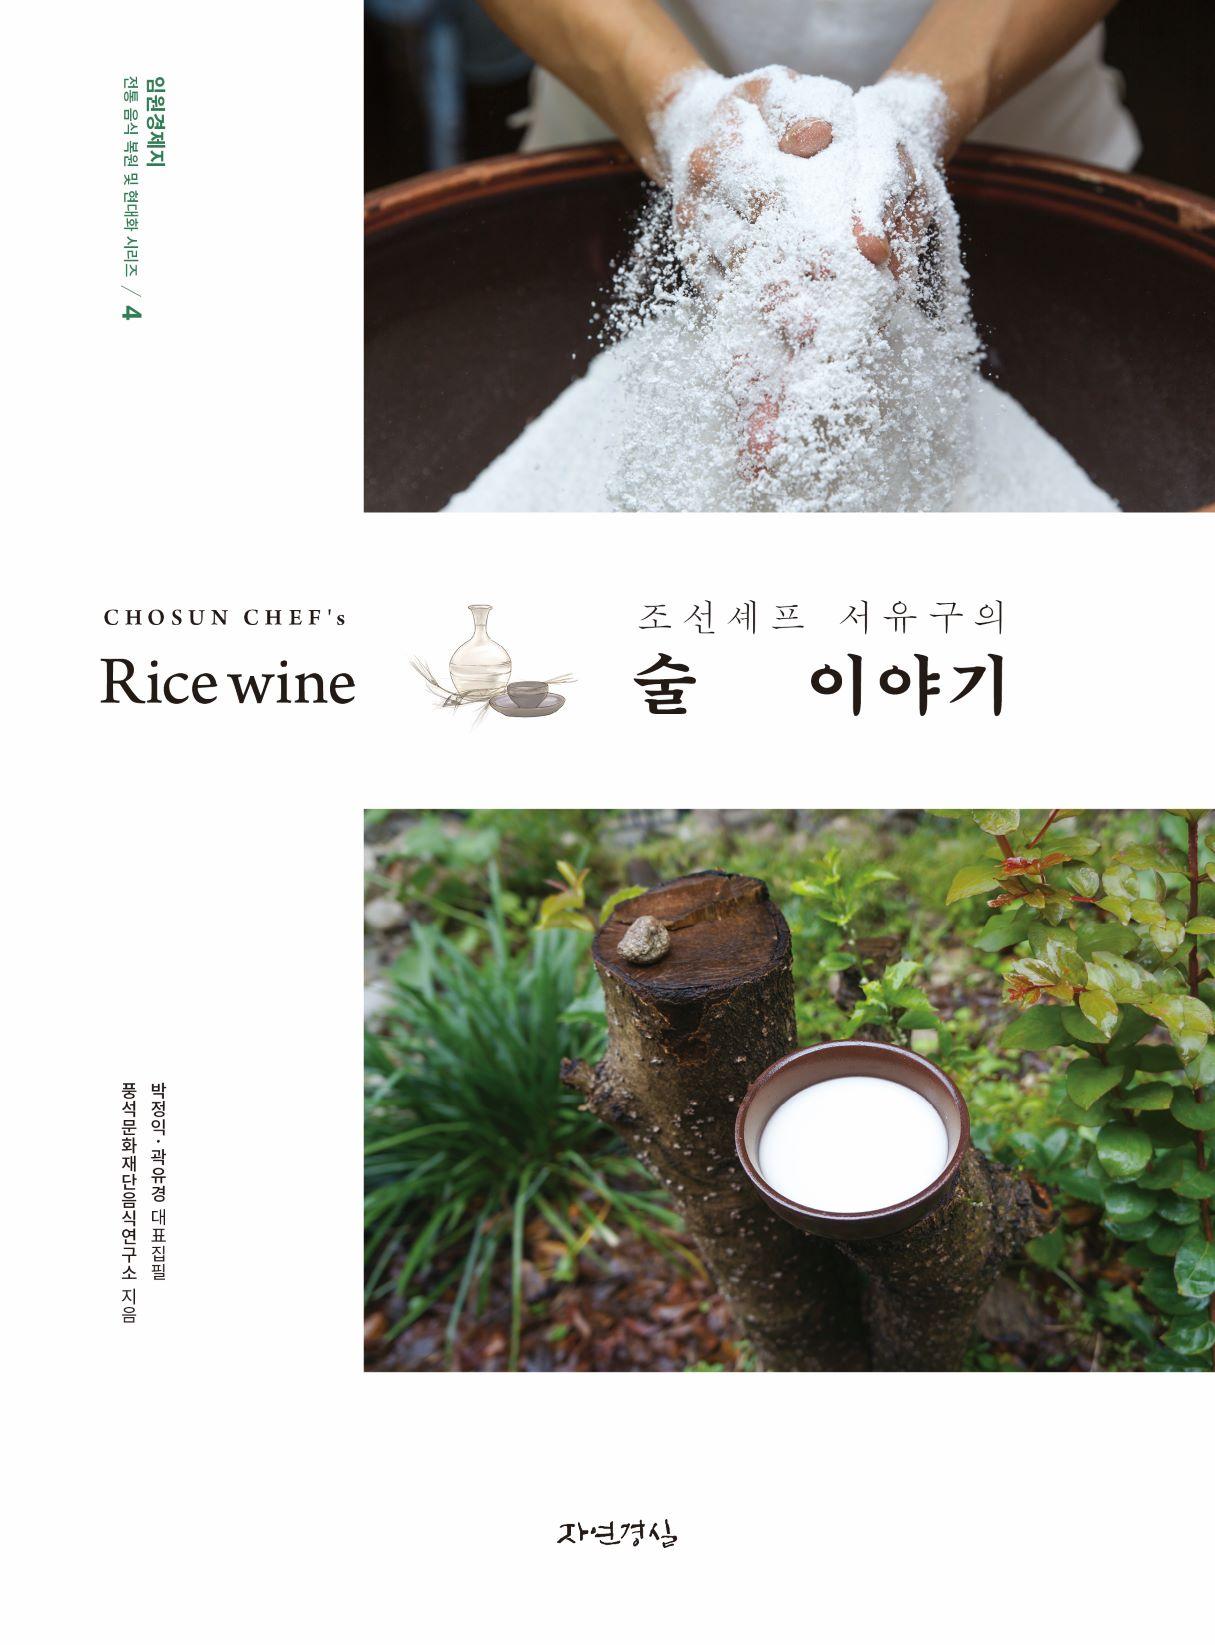 조선셰프 서유구의 술이야기_표지.jpg